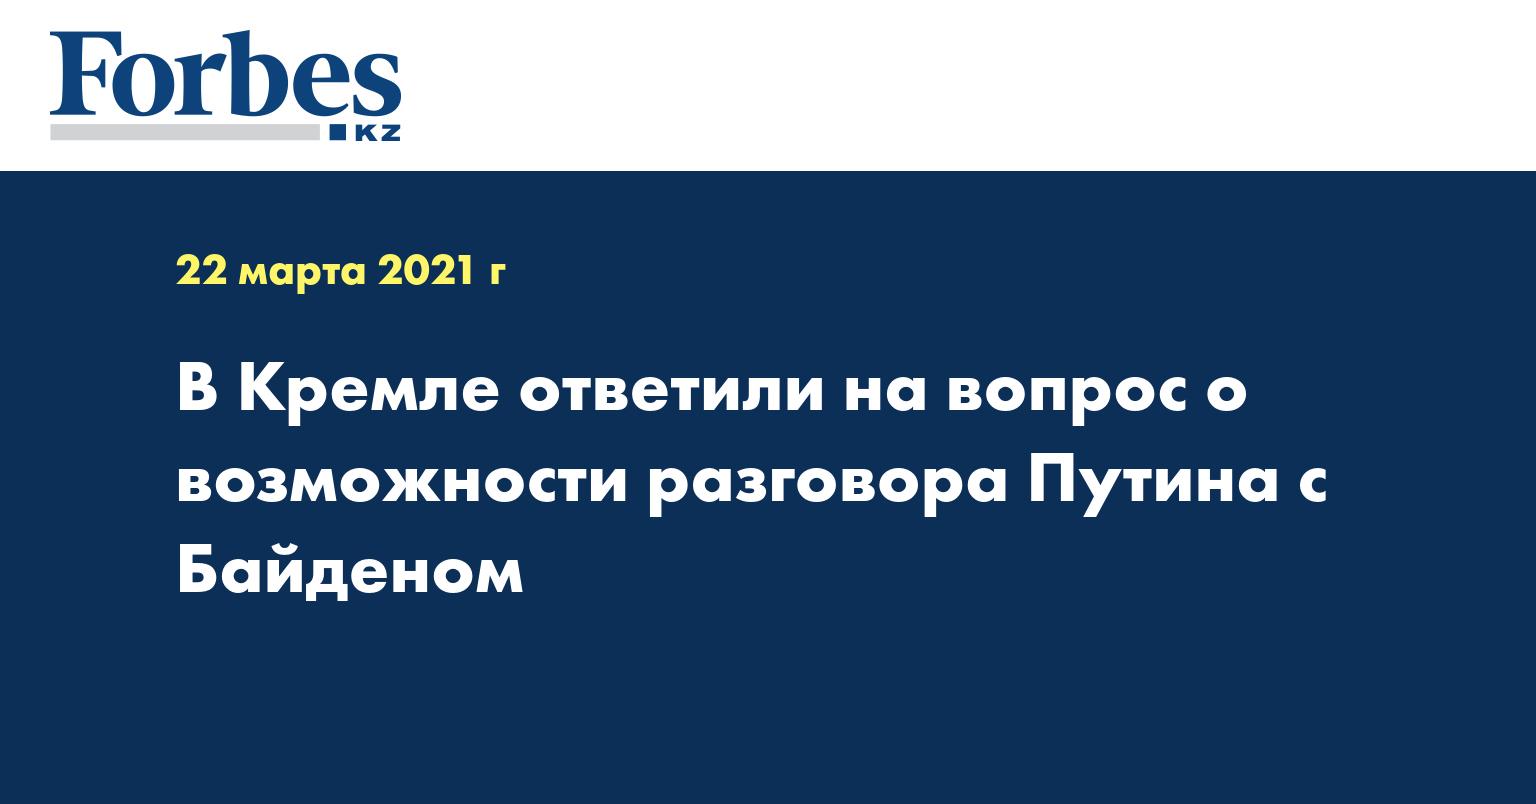 В Кремле ответили на вопрос о возможности разговора Путина с Байденом